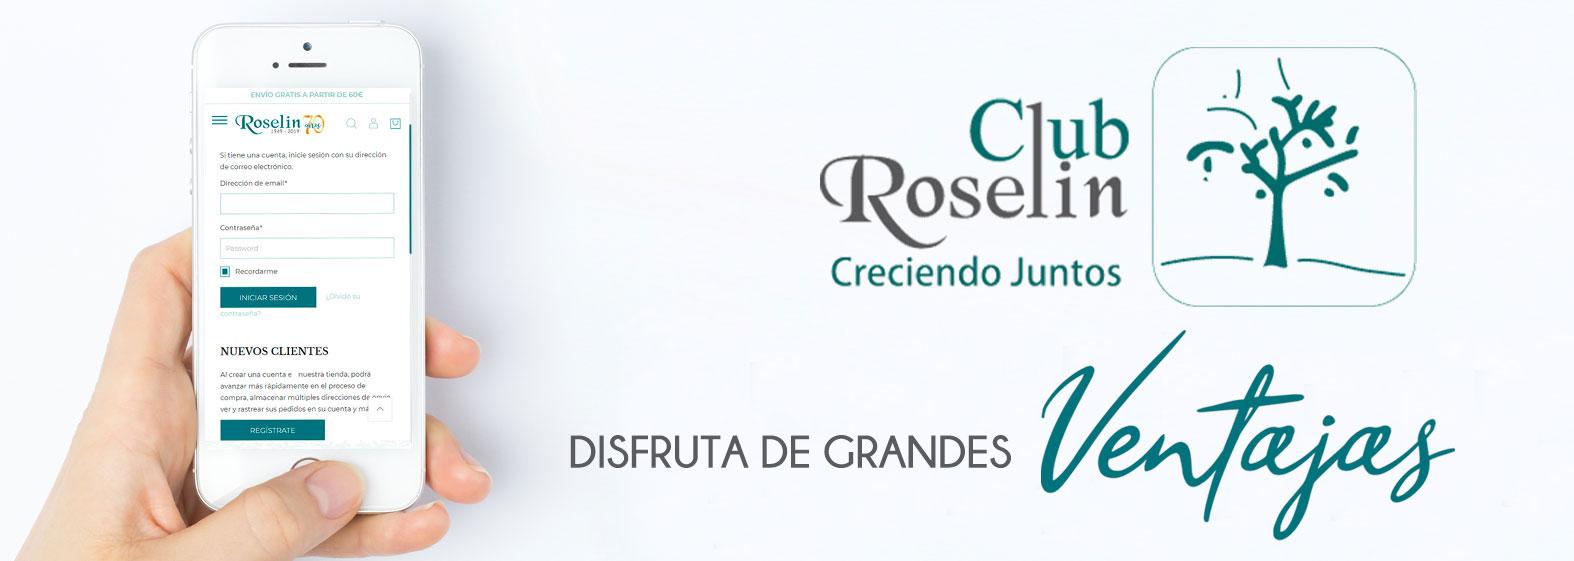 Club Roselin